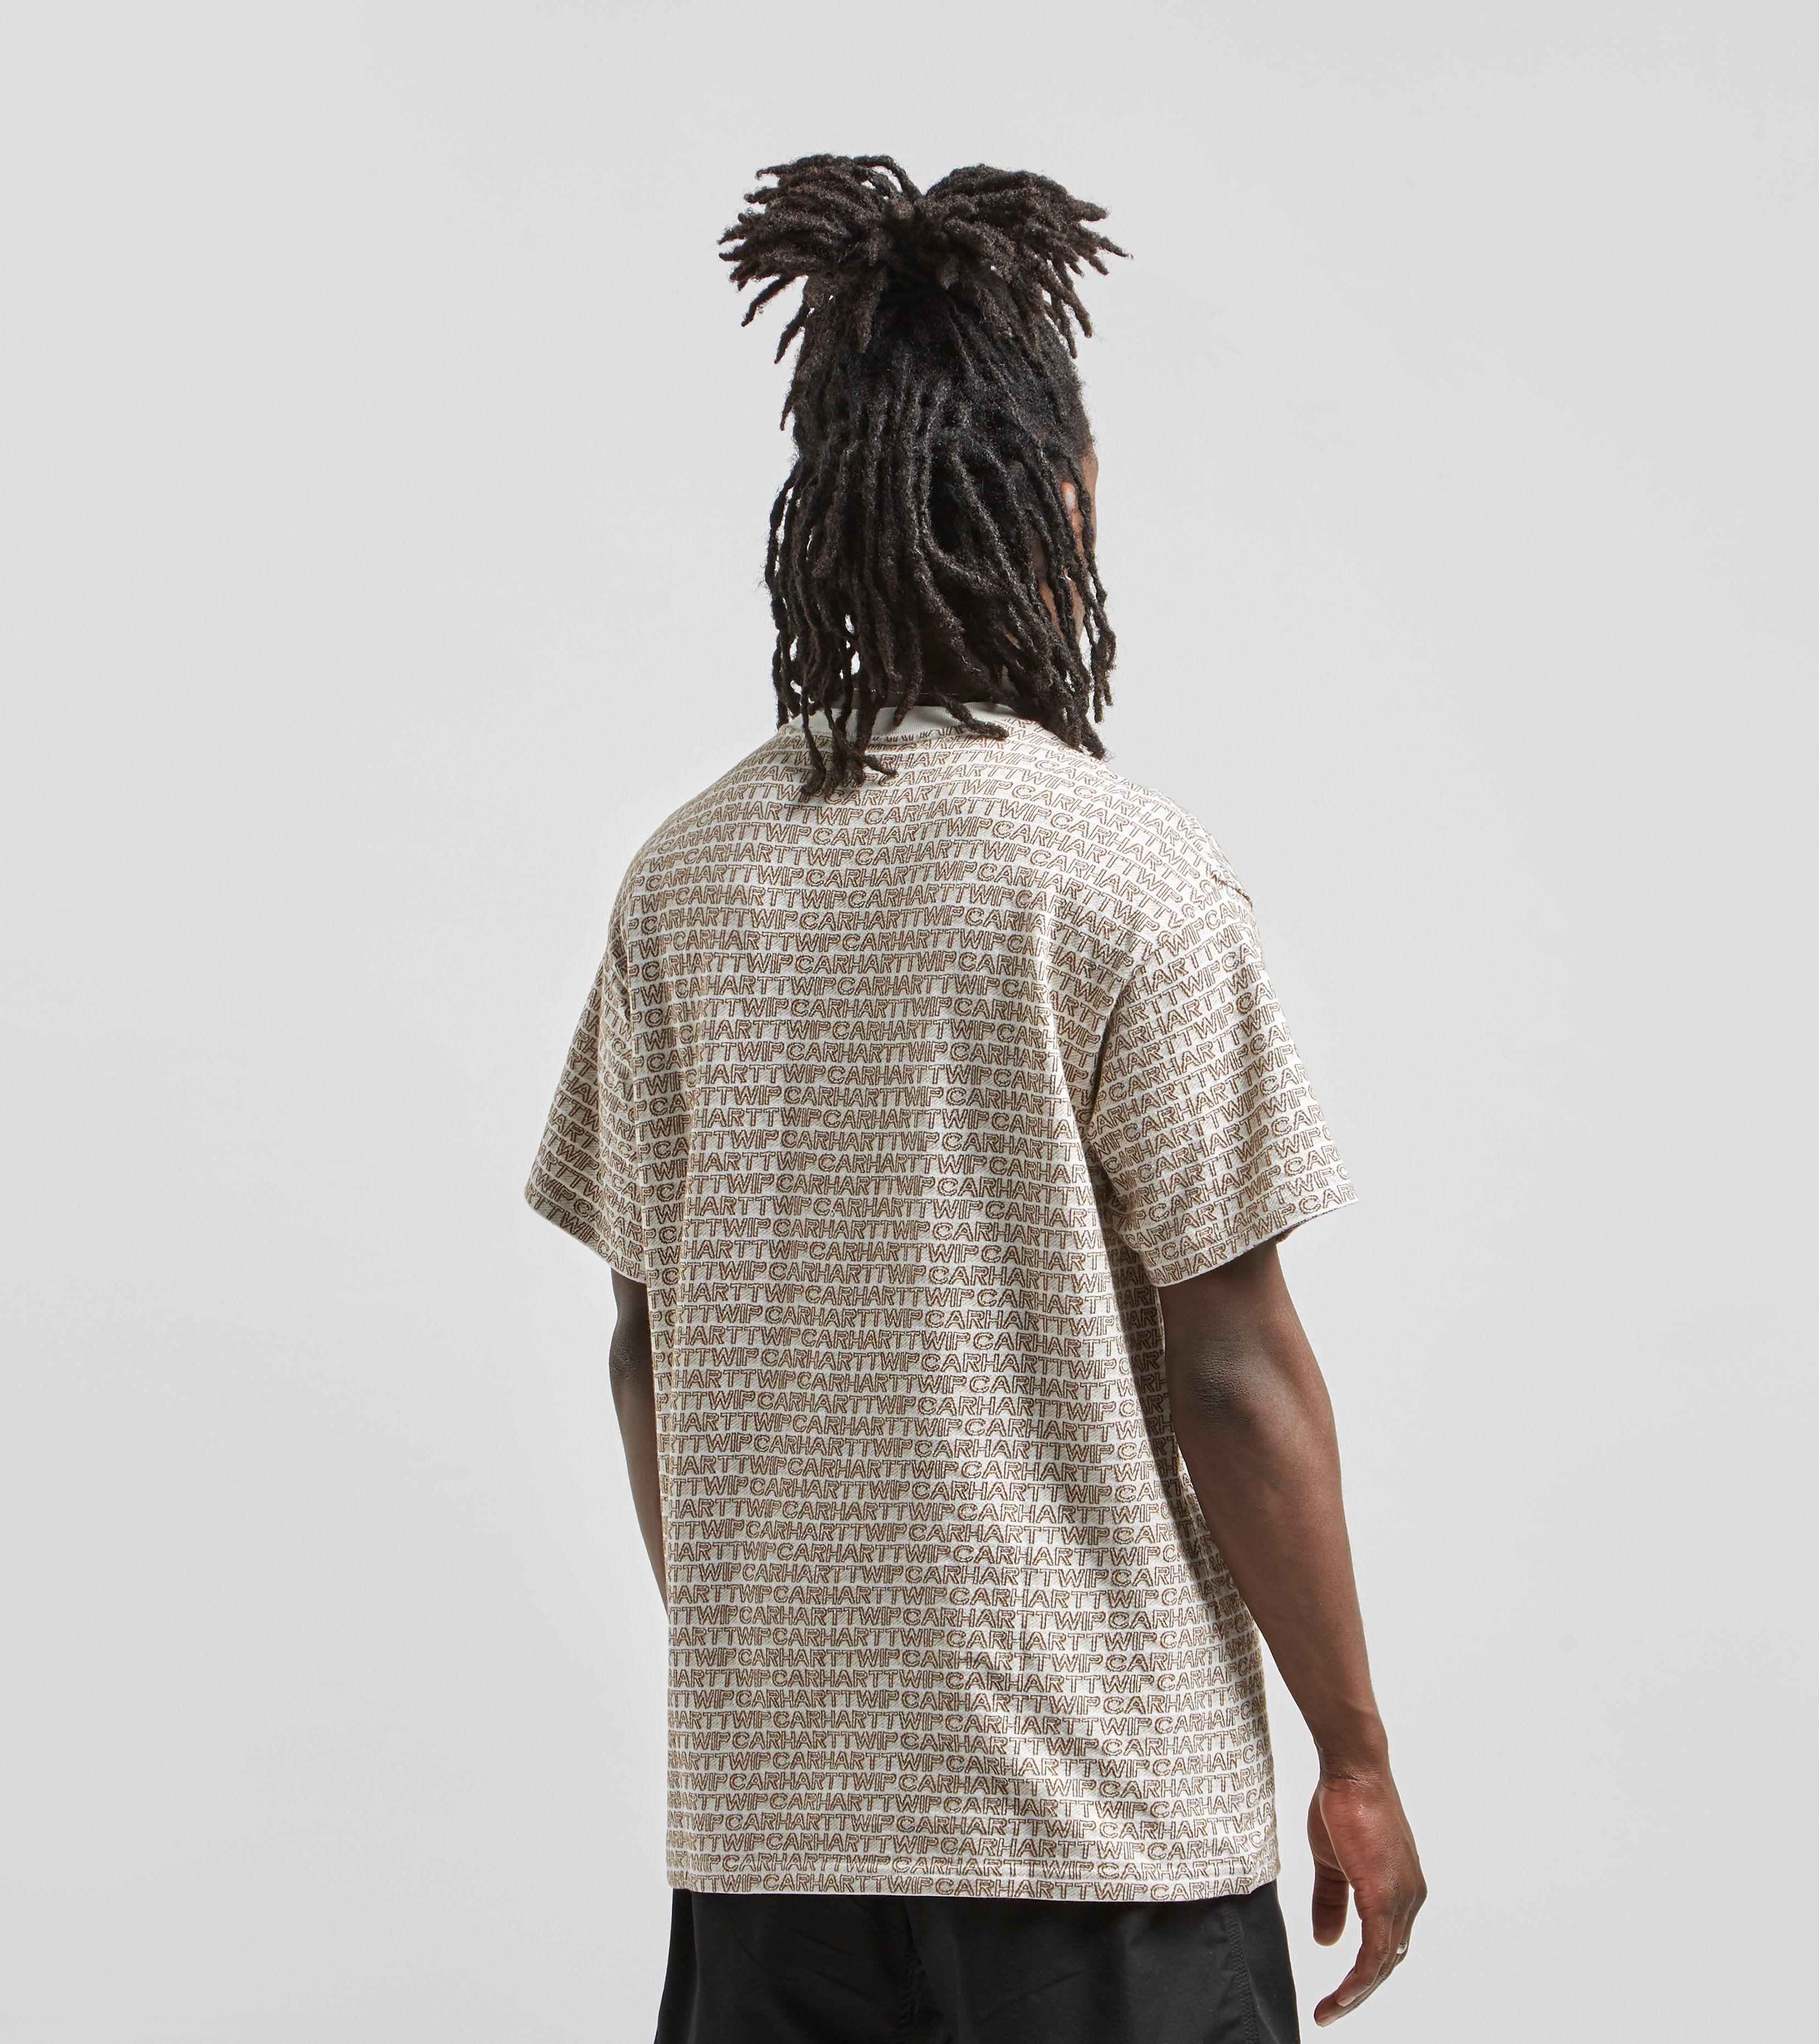 Carhartt WIP Typo T-Shirt